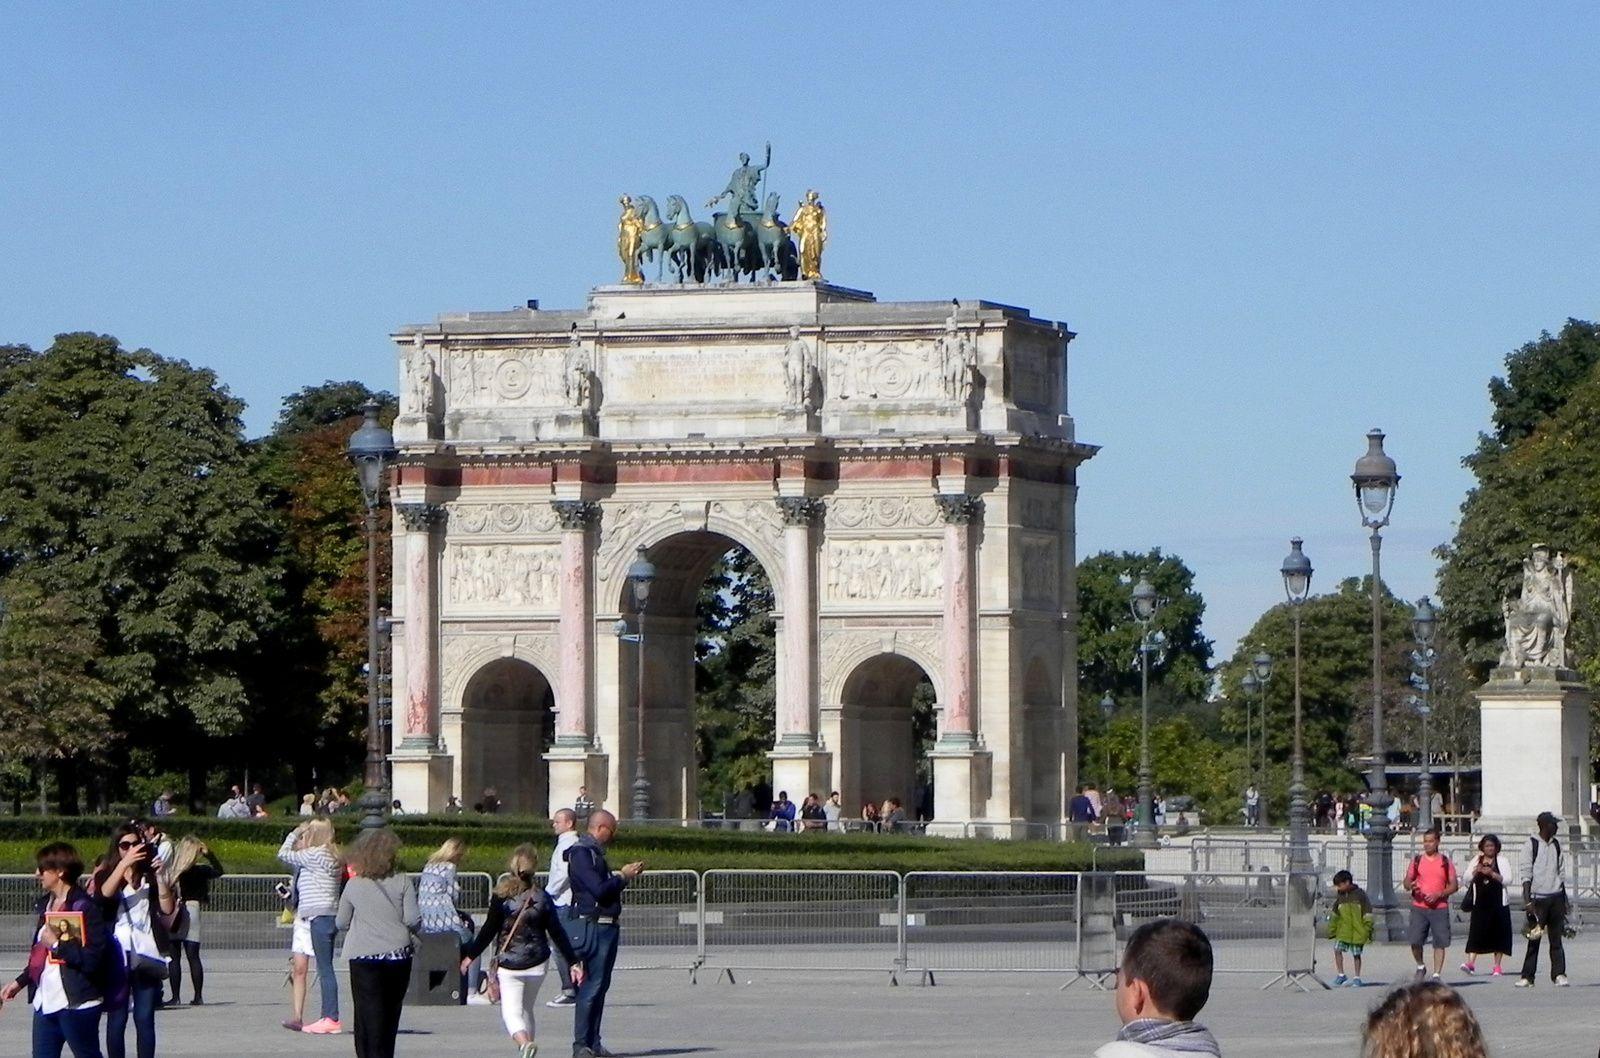 En nous dirigeant vers les Tuileries, nous passons près le l'Arc de Triomphe du Carrousel.